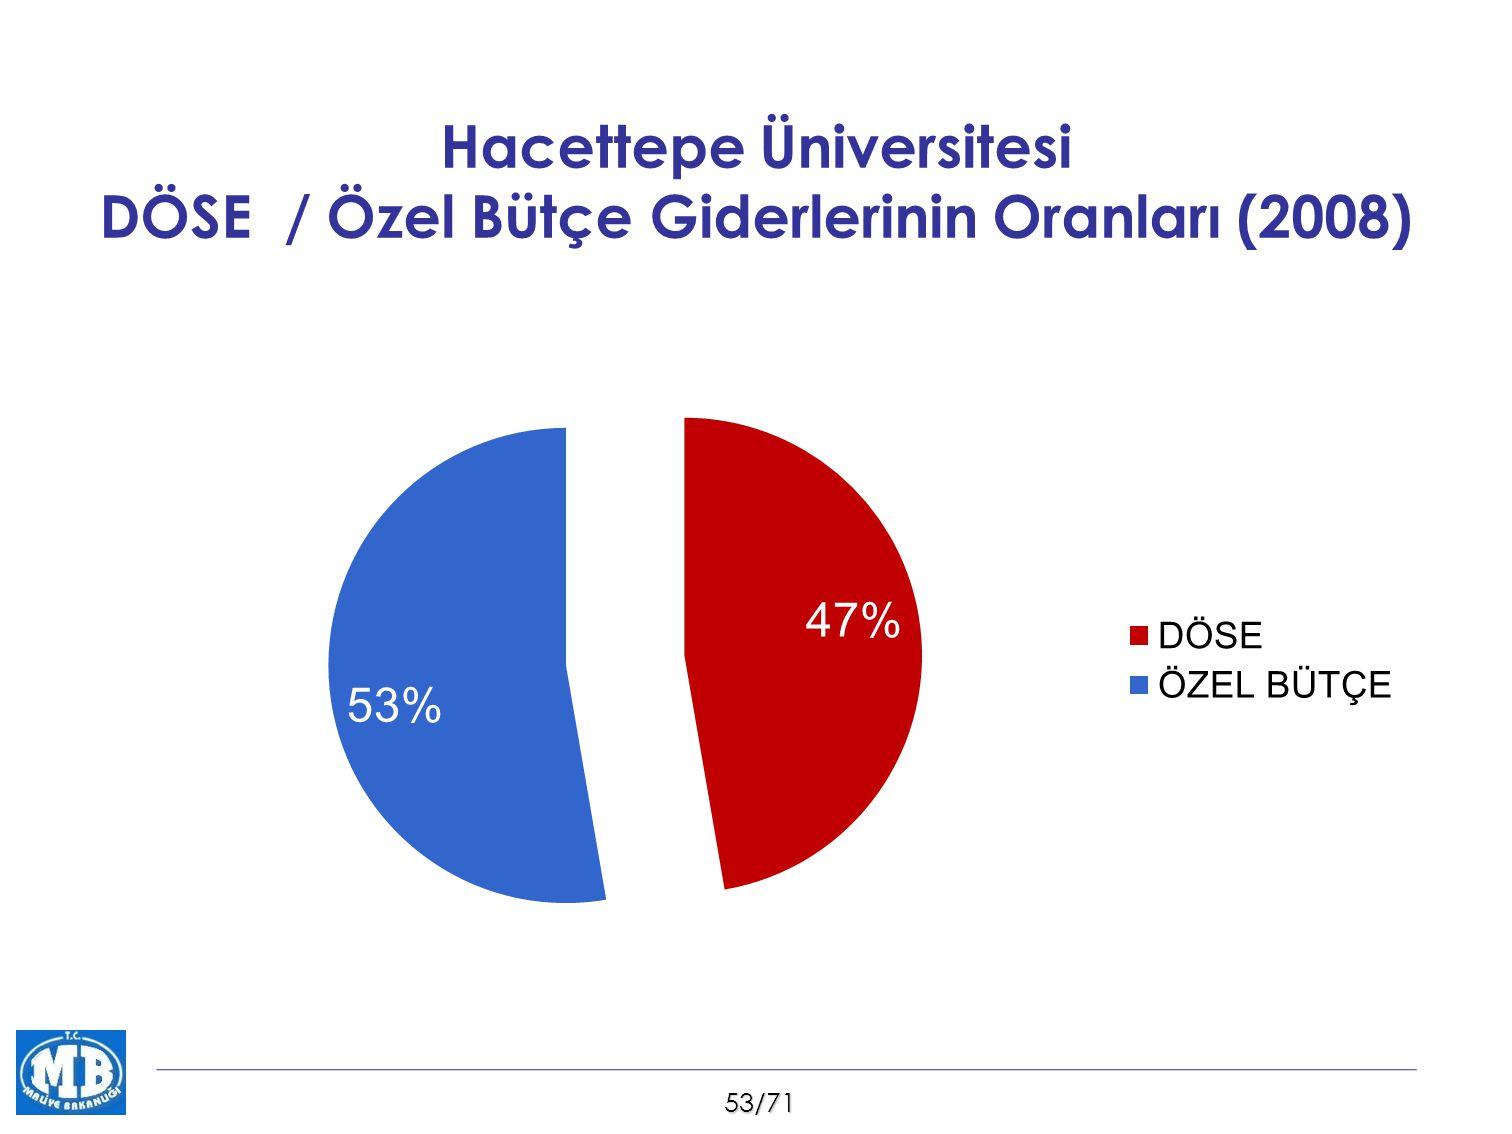 53/71 Hacettepe Üniversitesi DÖSE / Özel Bütçe Giderlerinin Oranları (2008)